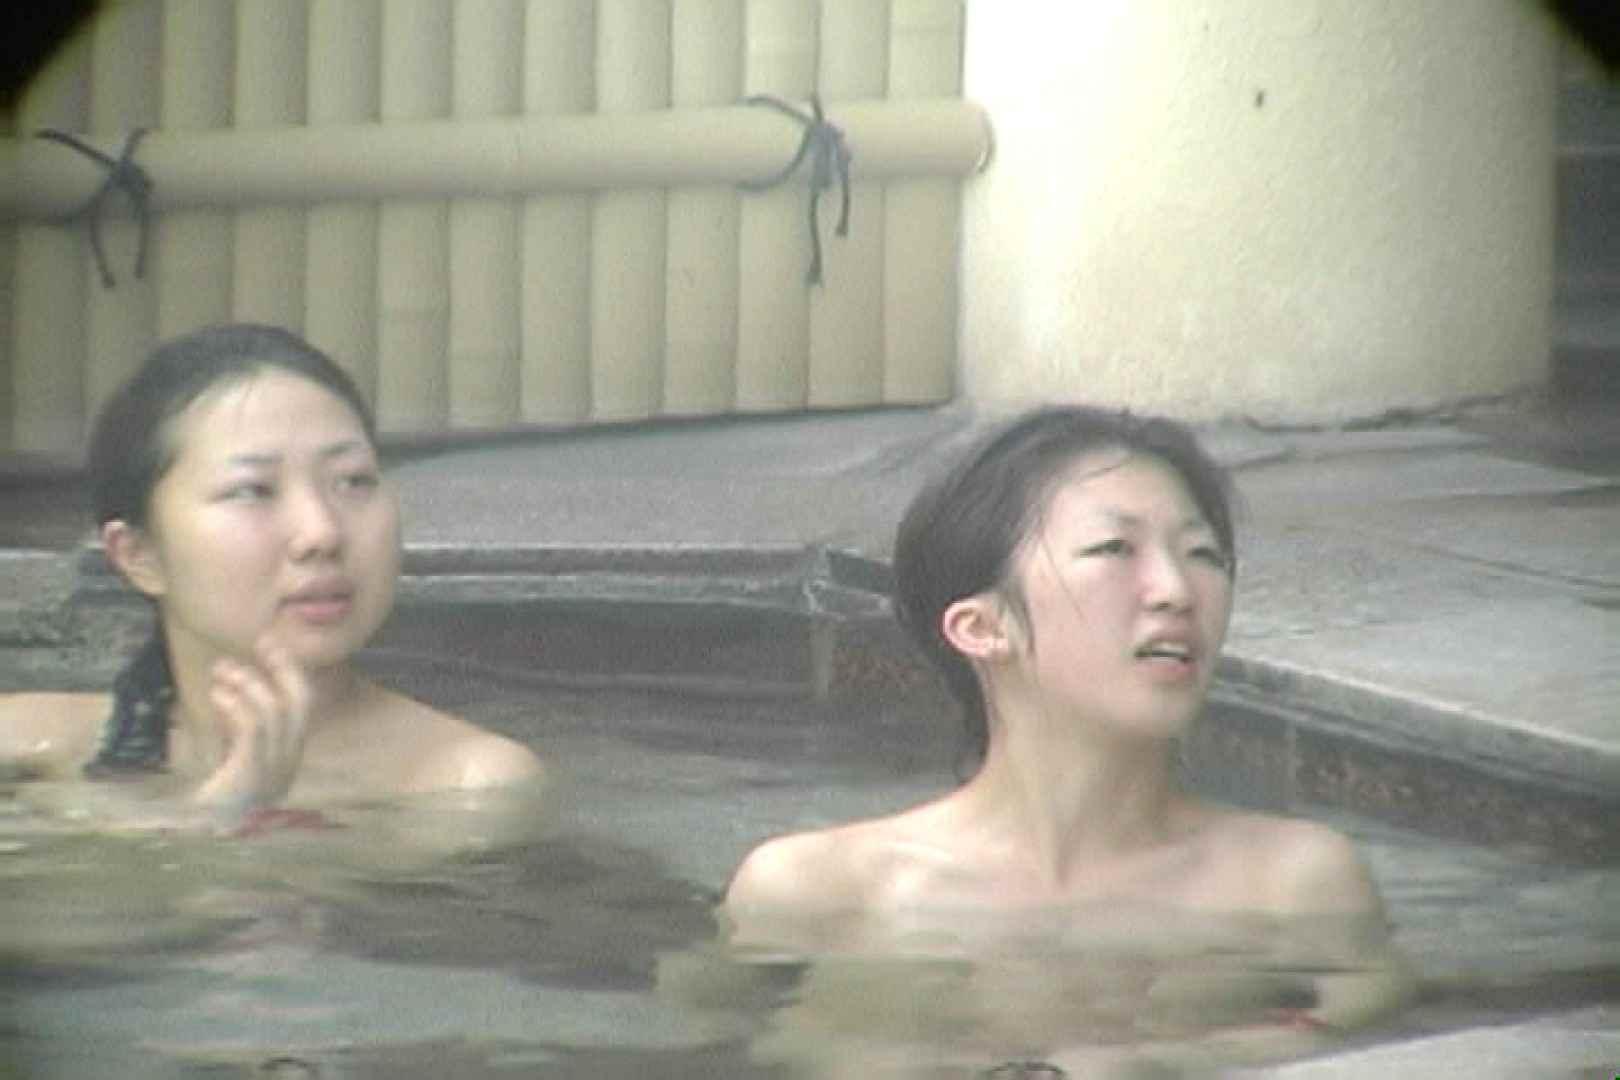 Aquaな露天風呂Vol.31【VIP】 盗撮シリーズ  112PIX 4